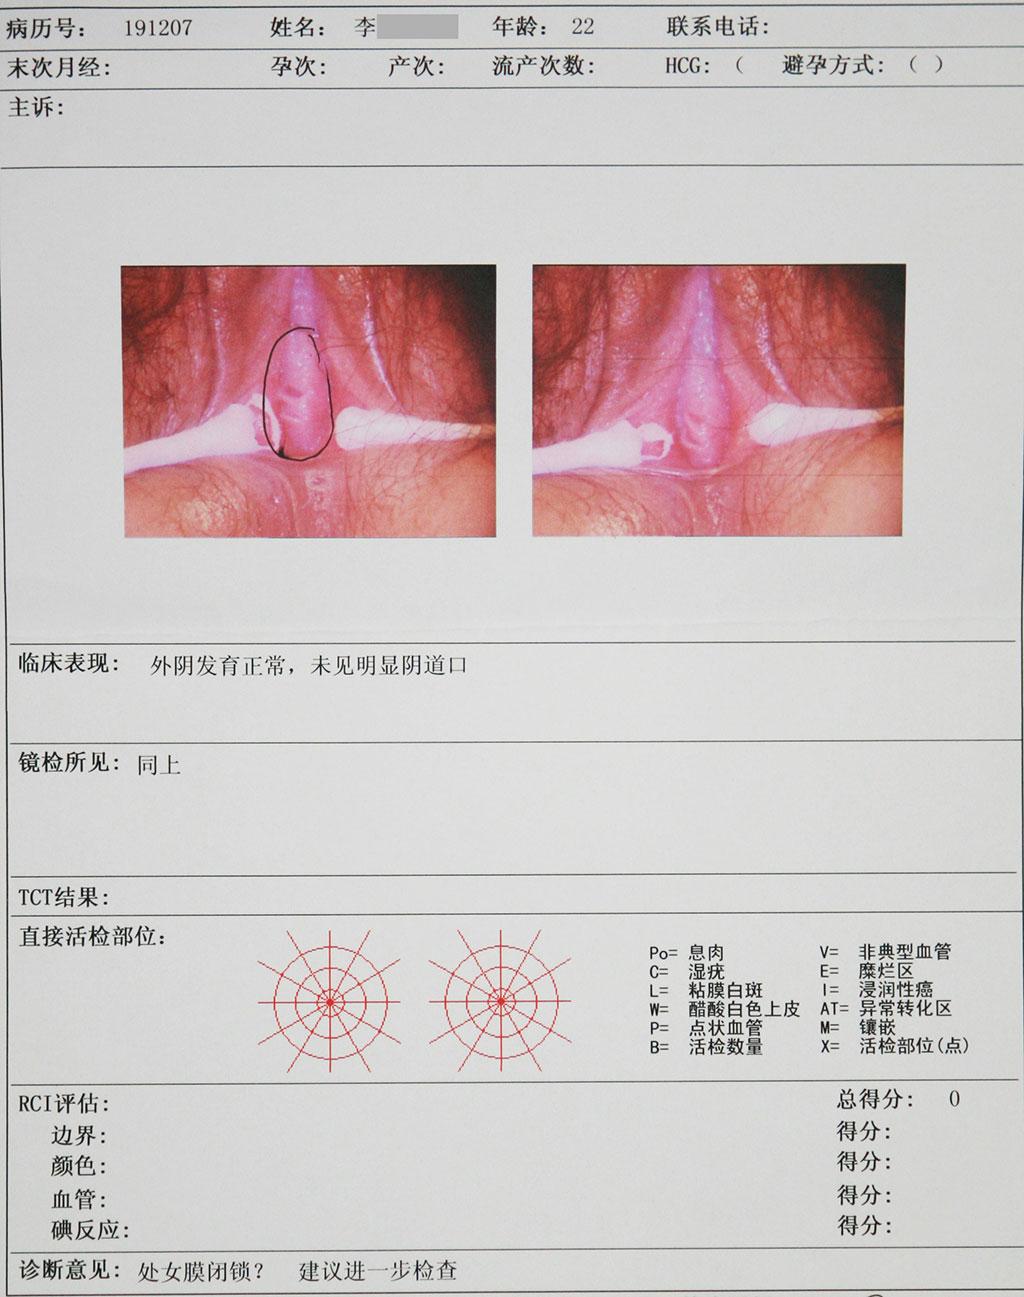 处女膜 妇科检查:外阴毛发分布均匀,可见处女膜痕迹,无阴道无宫颈、子宫,未扪及双侧附件. B超检查:盆腔内肌性回声 诊断:先天性无阴道、始基子宫